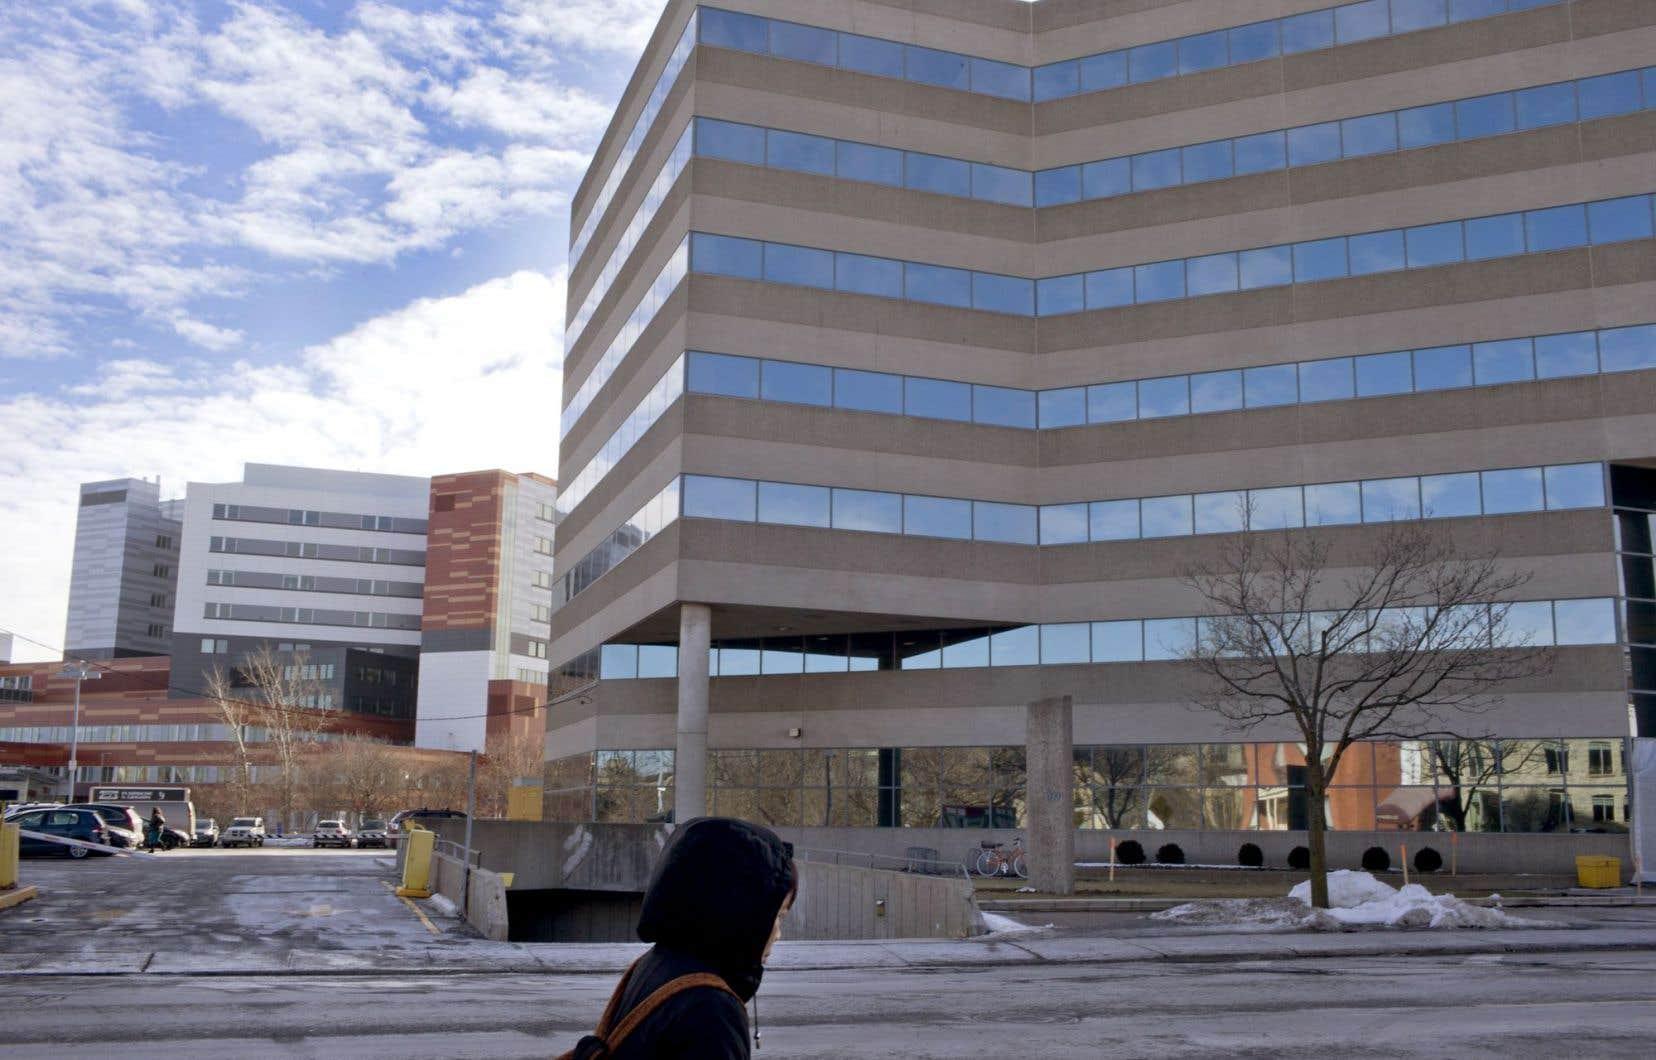 L'immeuble de bureaux a été acheté en 2008 par la Fondation de l'hôpital Royal Victoria pour la somme de 43millions de dollars.